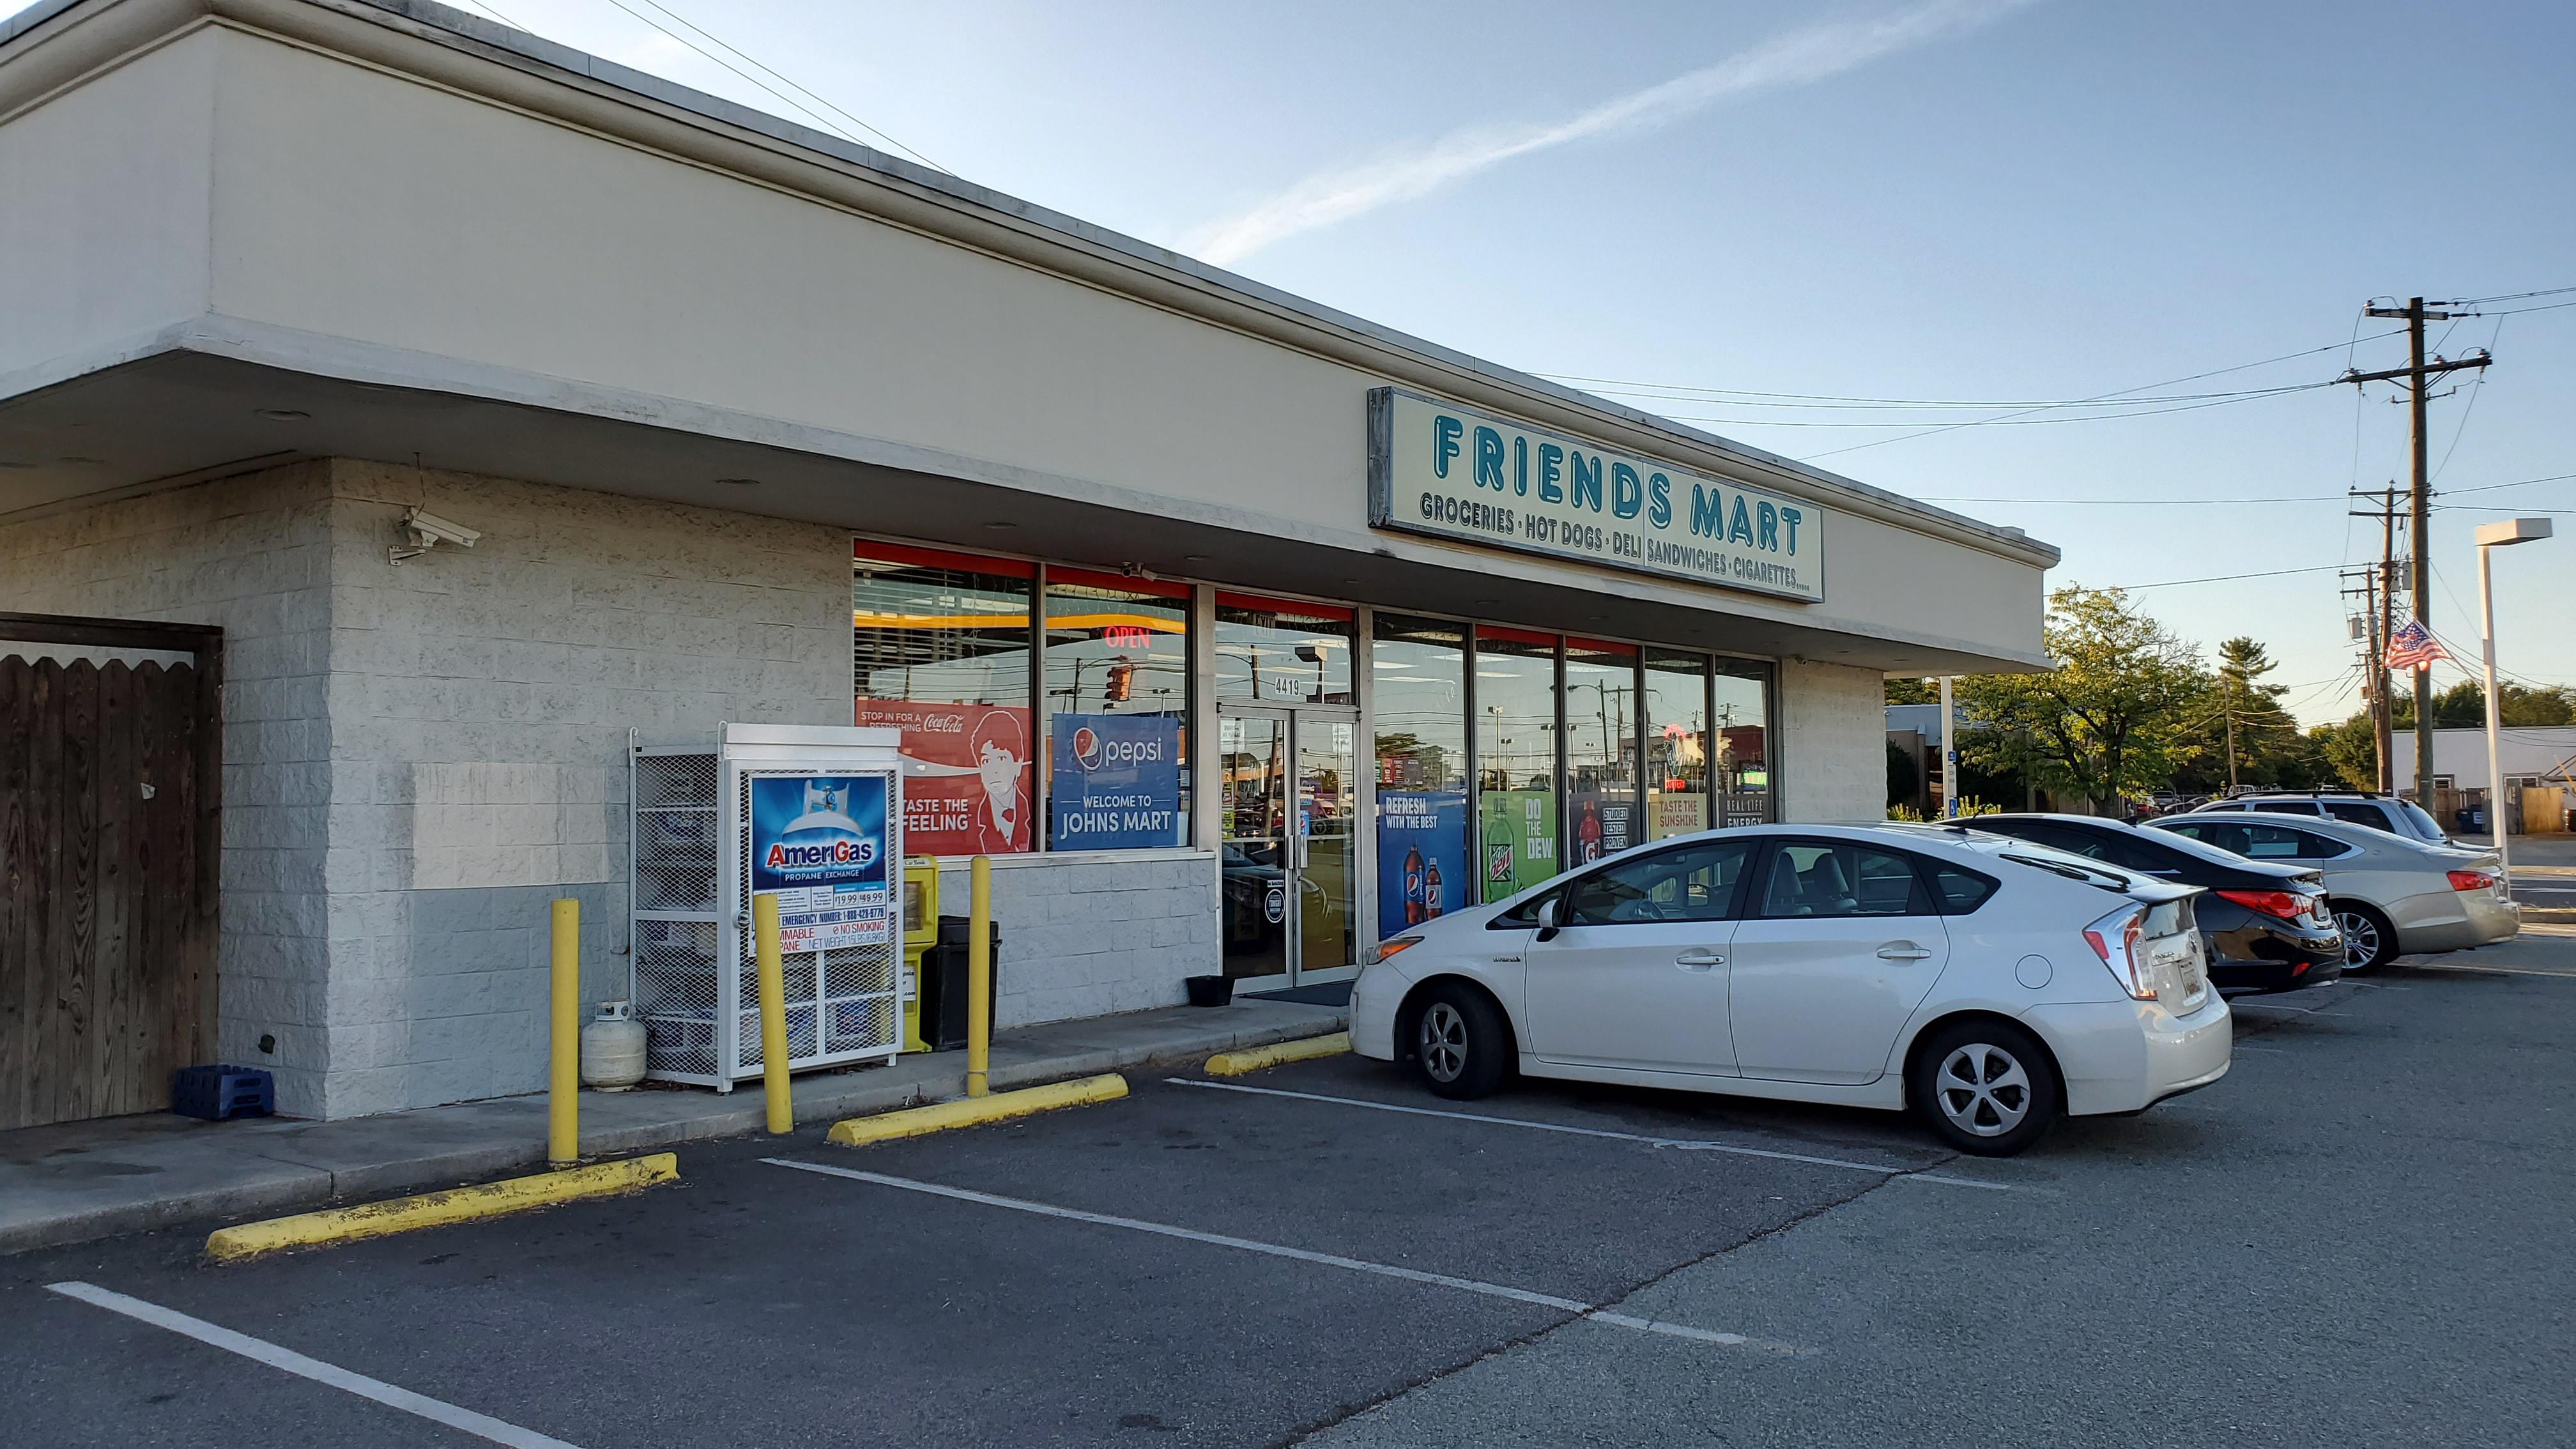 Bitcoin ATM Inside Friends Mart